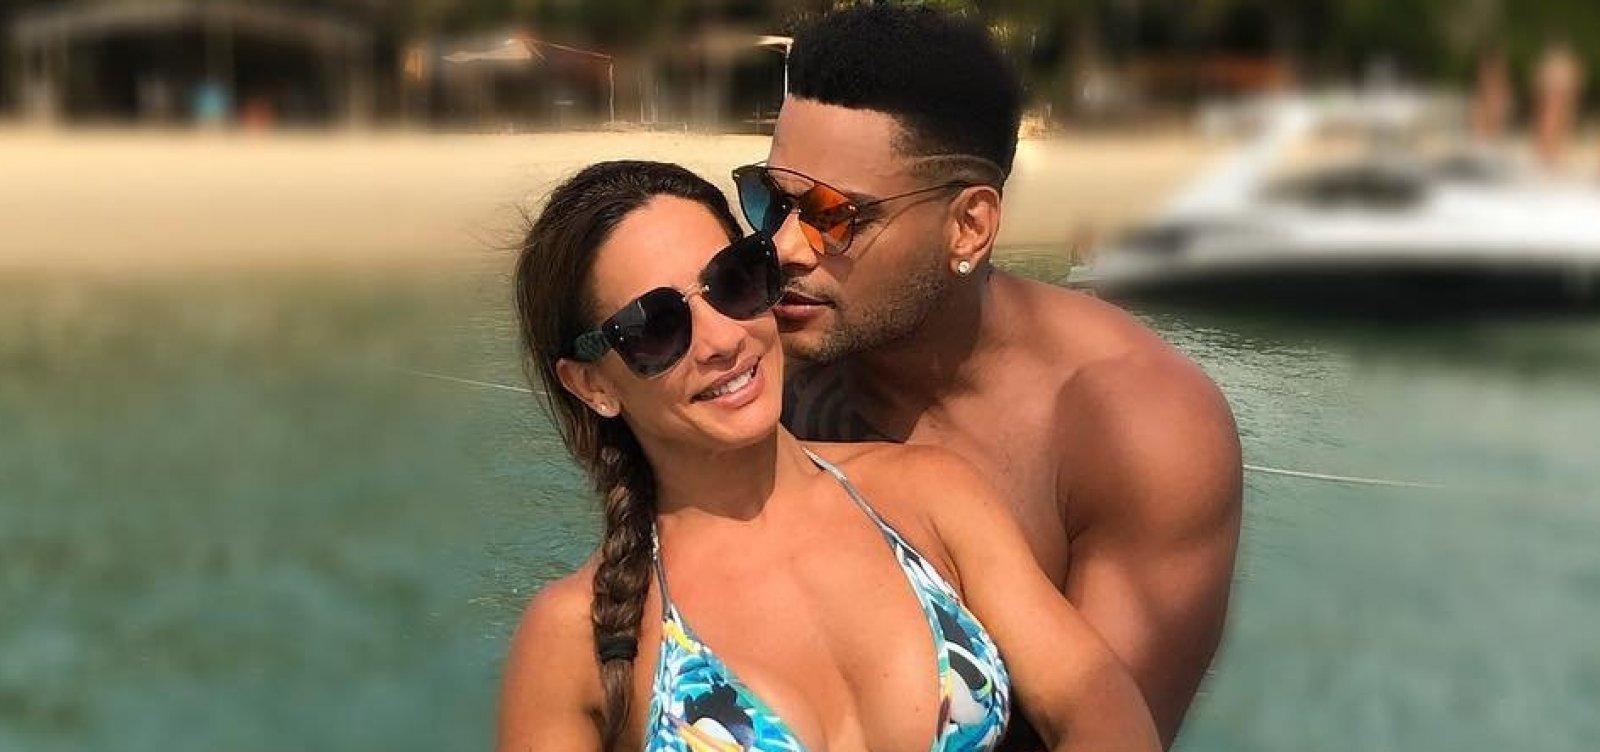 Scheila Carvalho celebra 12 anos de casamento com Tony Salles: 'Te amo, minha vida!'